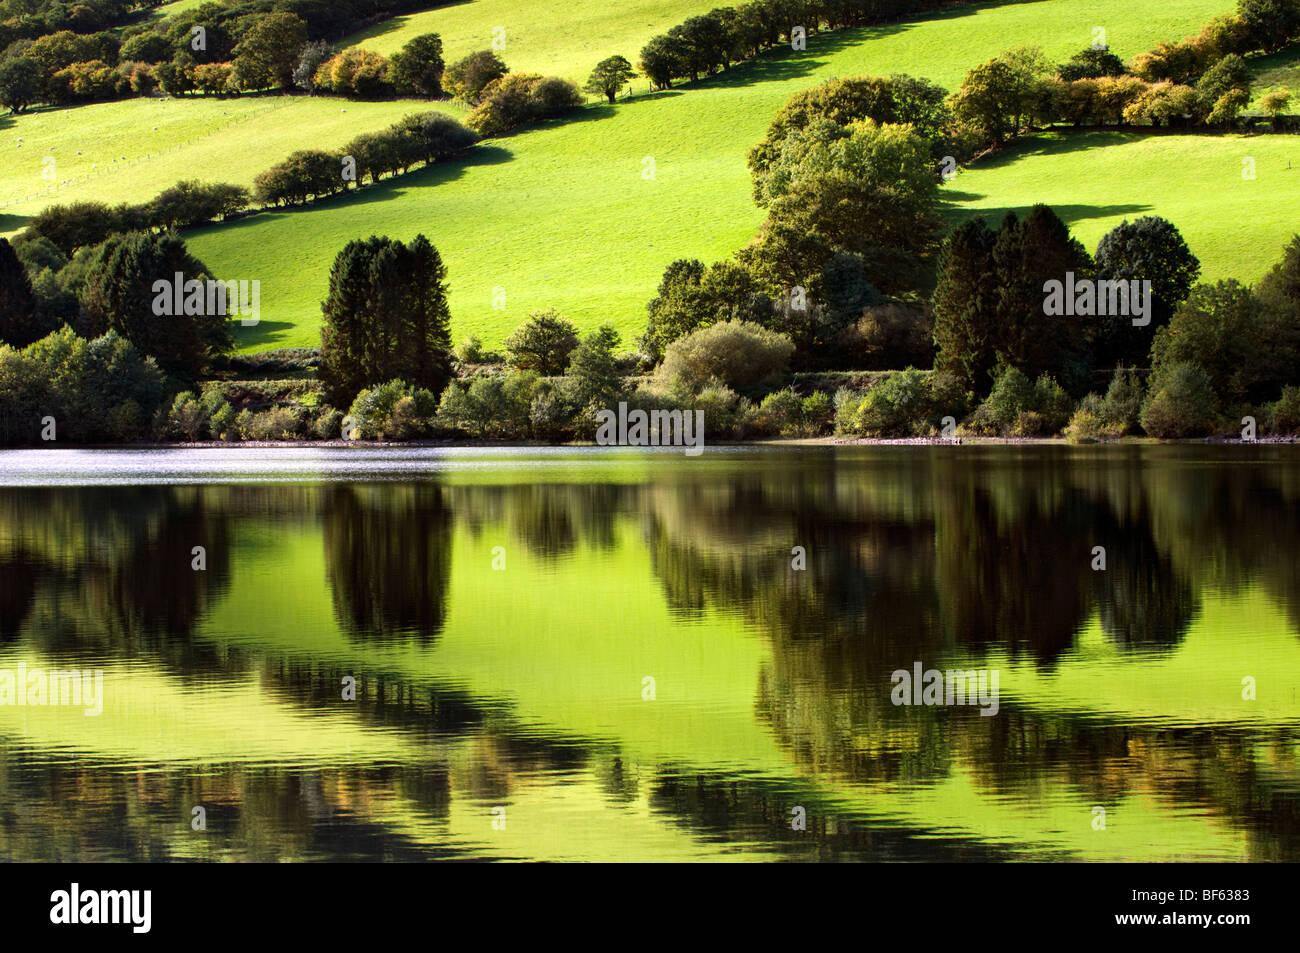 Reflet parfait de champs verts à Talybont réservoir, Brecon Beacons au Pays de Galles prises sur belle Photo Stock